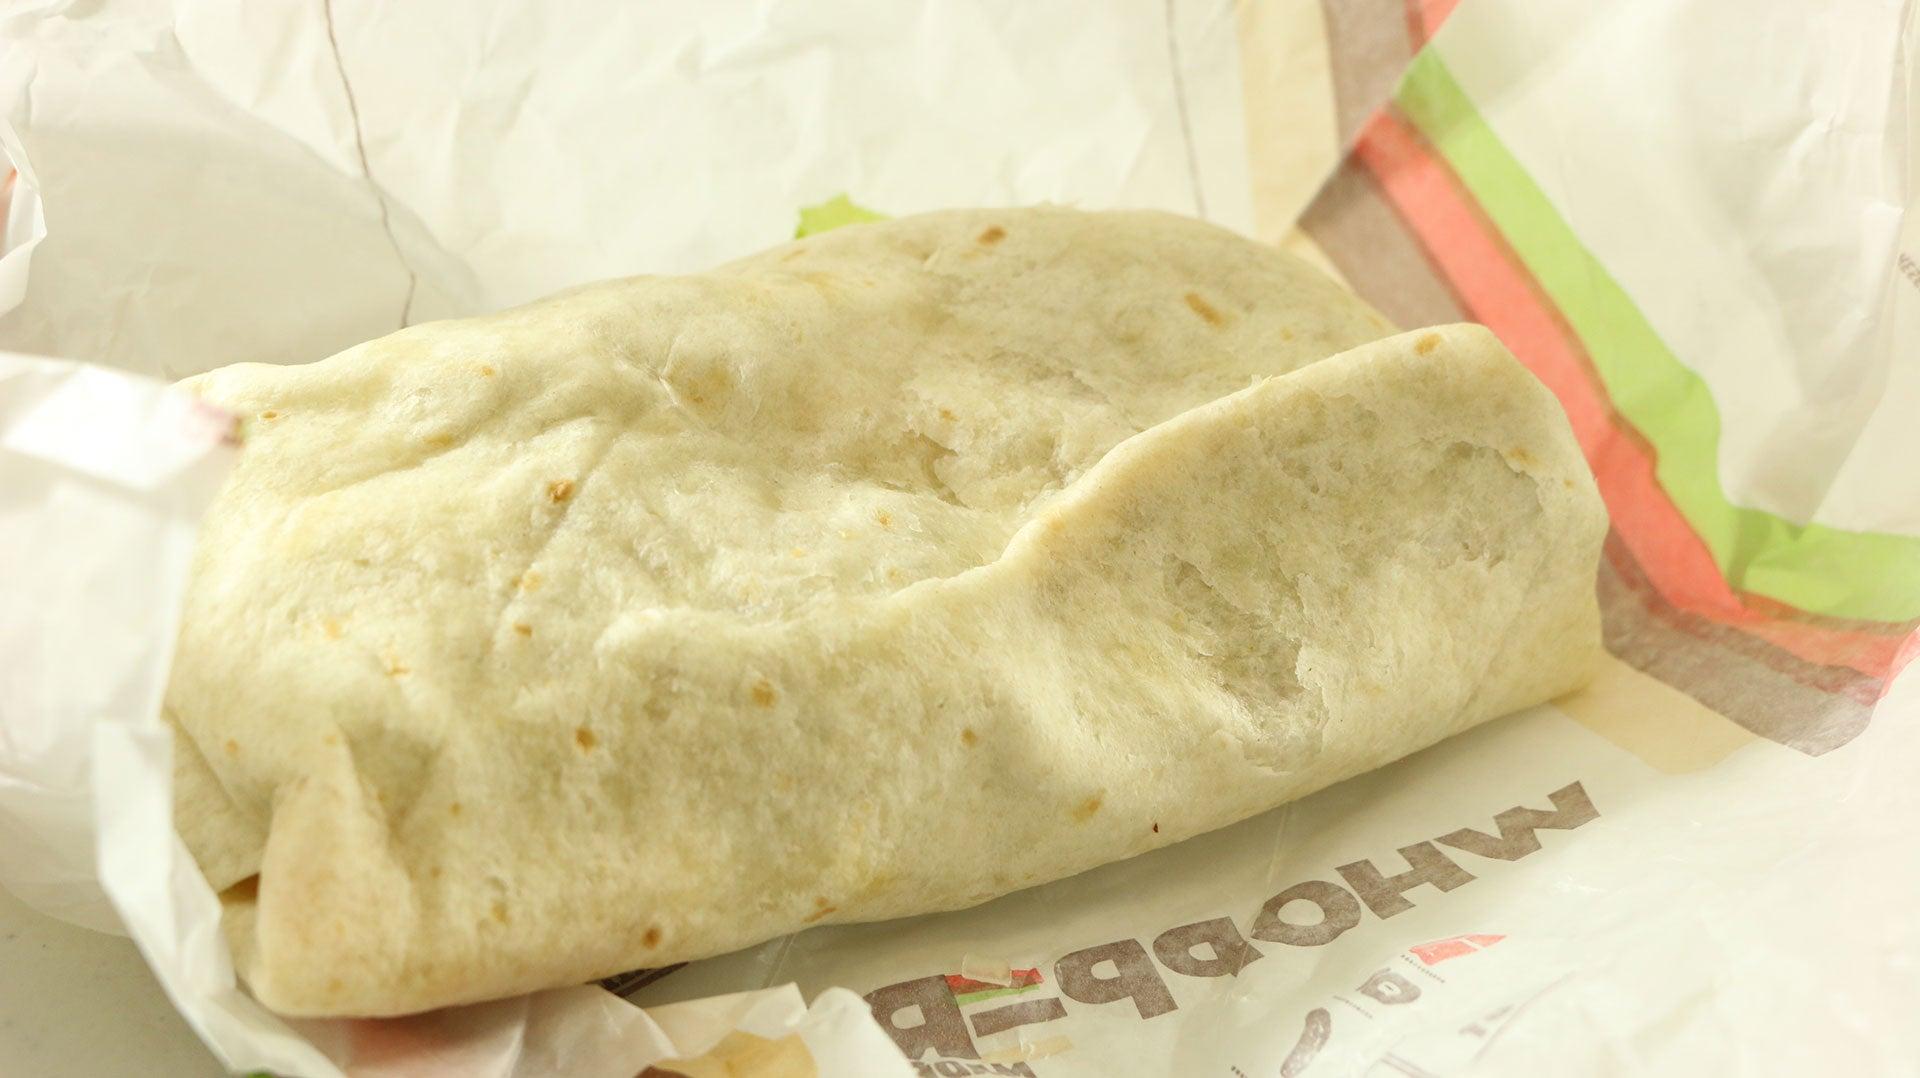 Snacktaku Unwraps Burger King's Whopperrito